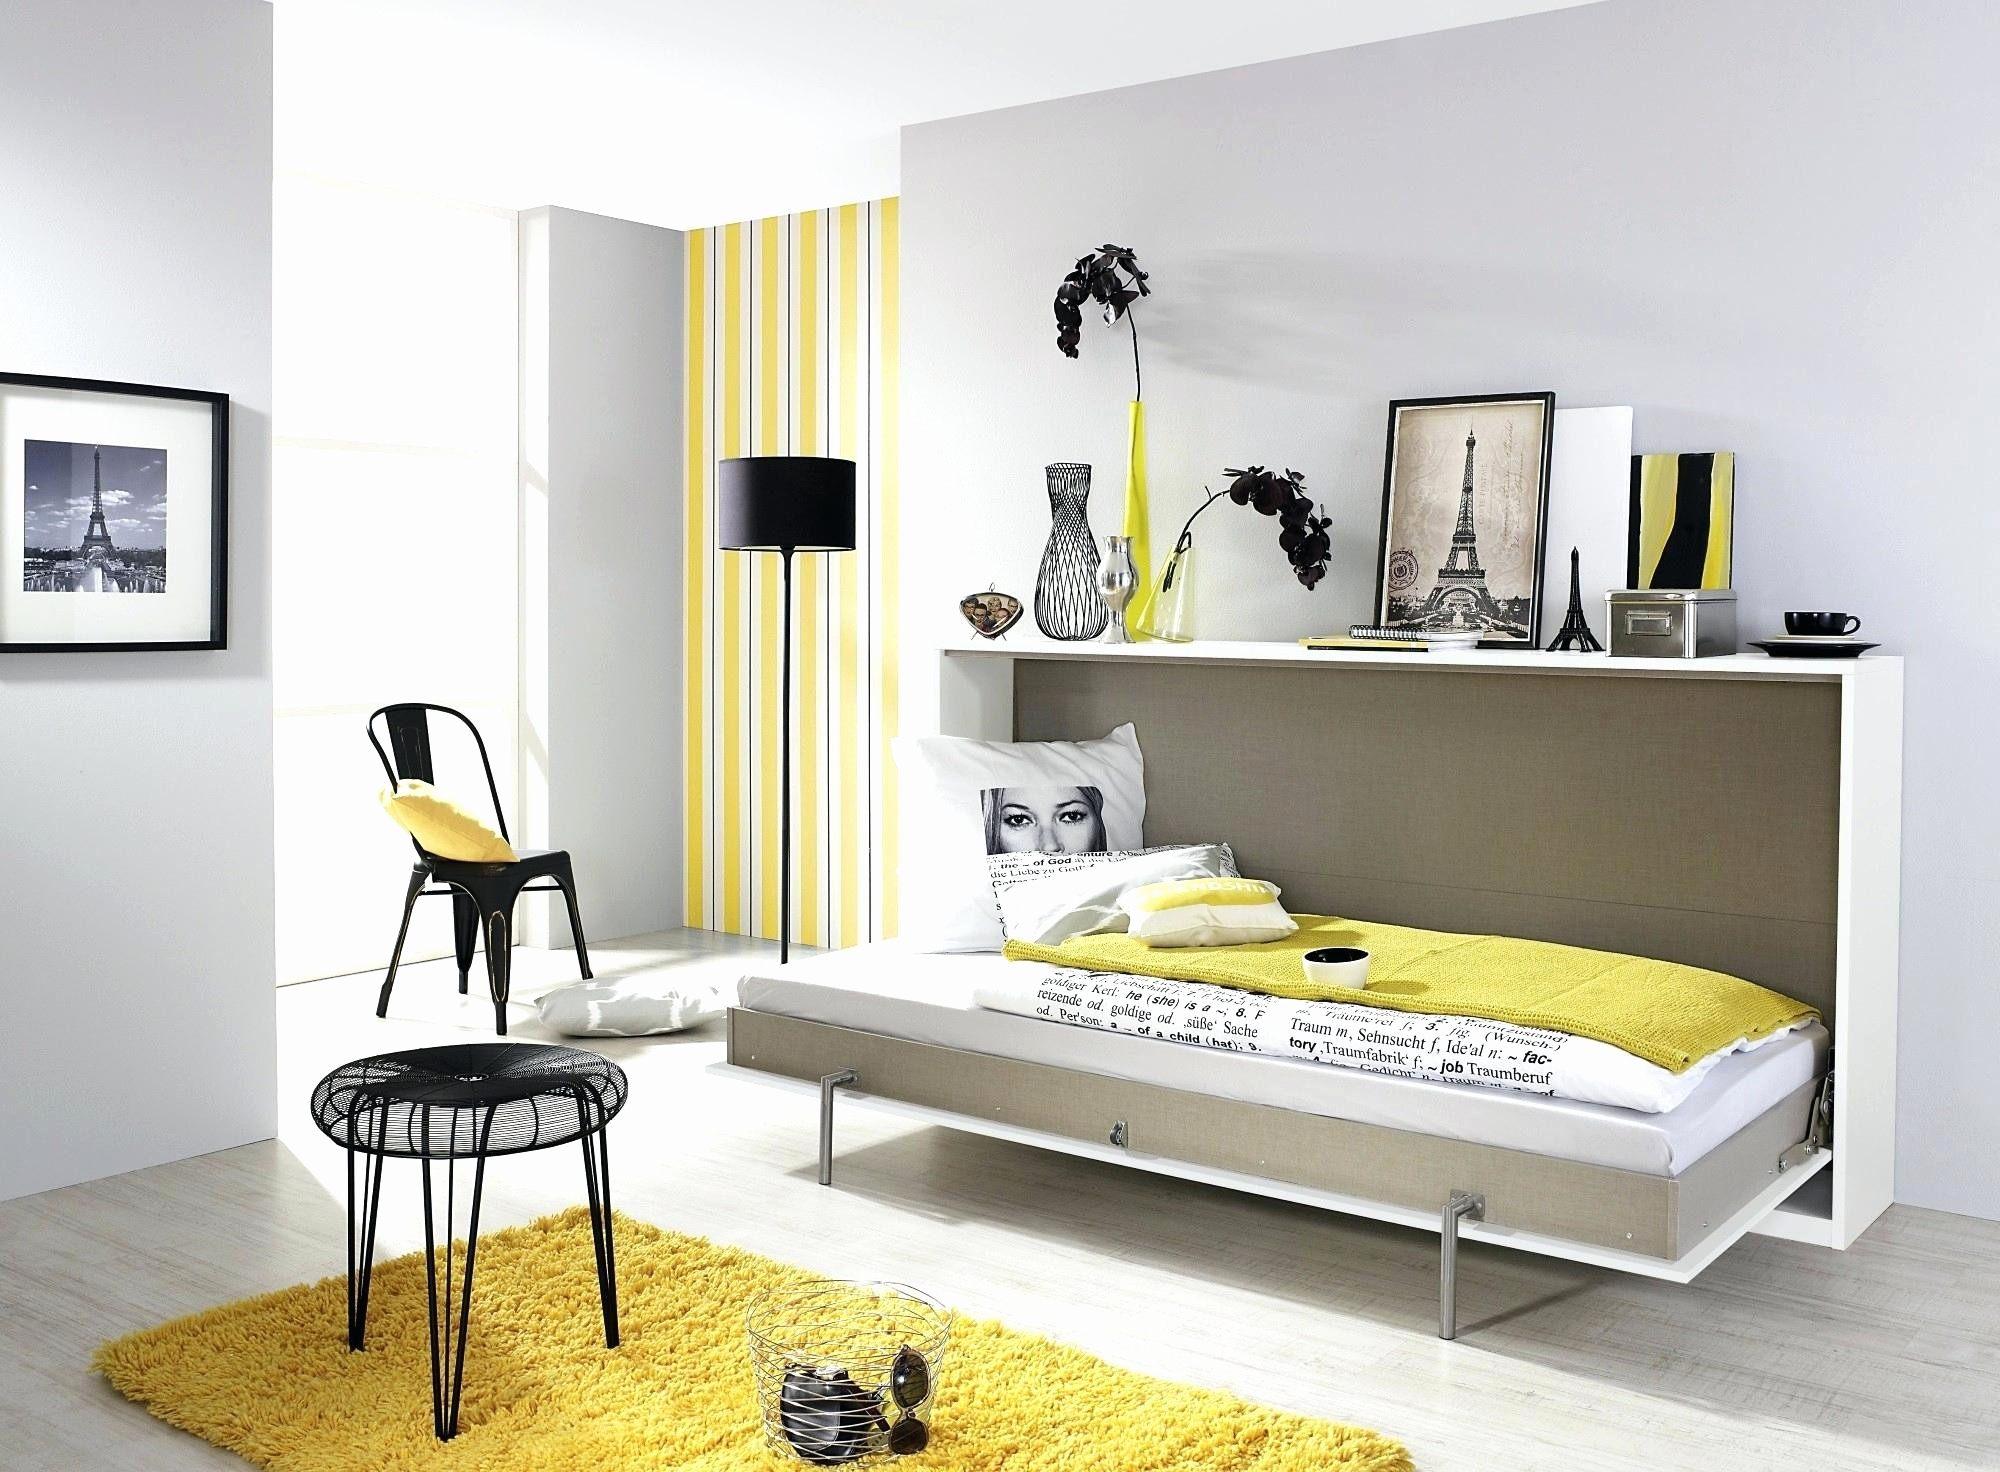 Chambre Avec Lit Mezzanine Frais Extraordinaire Chambre Ado Lit Superpose Sur Lit Mezzanine Design